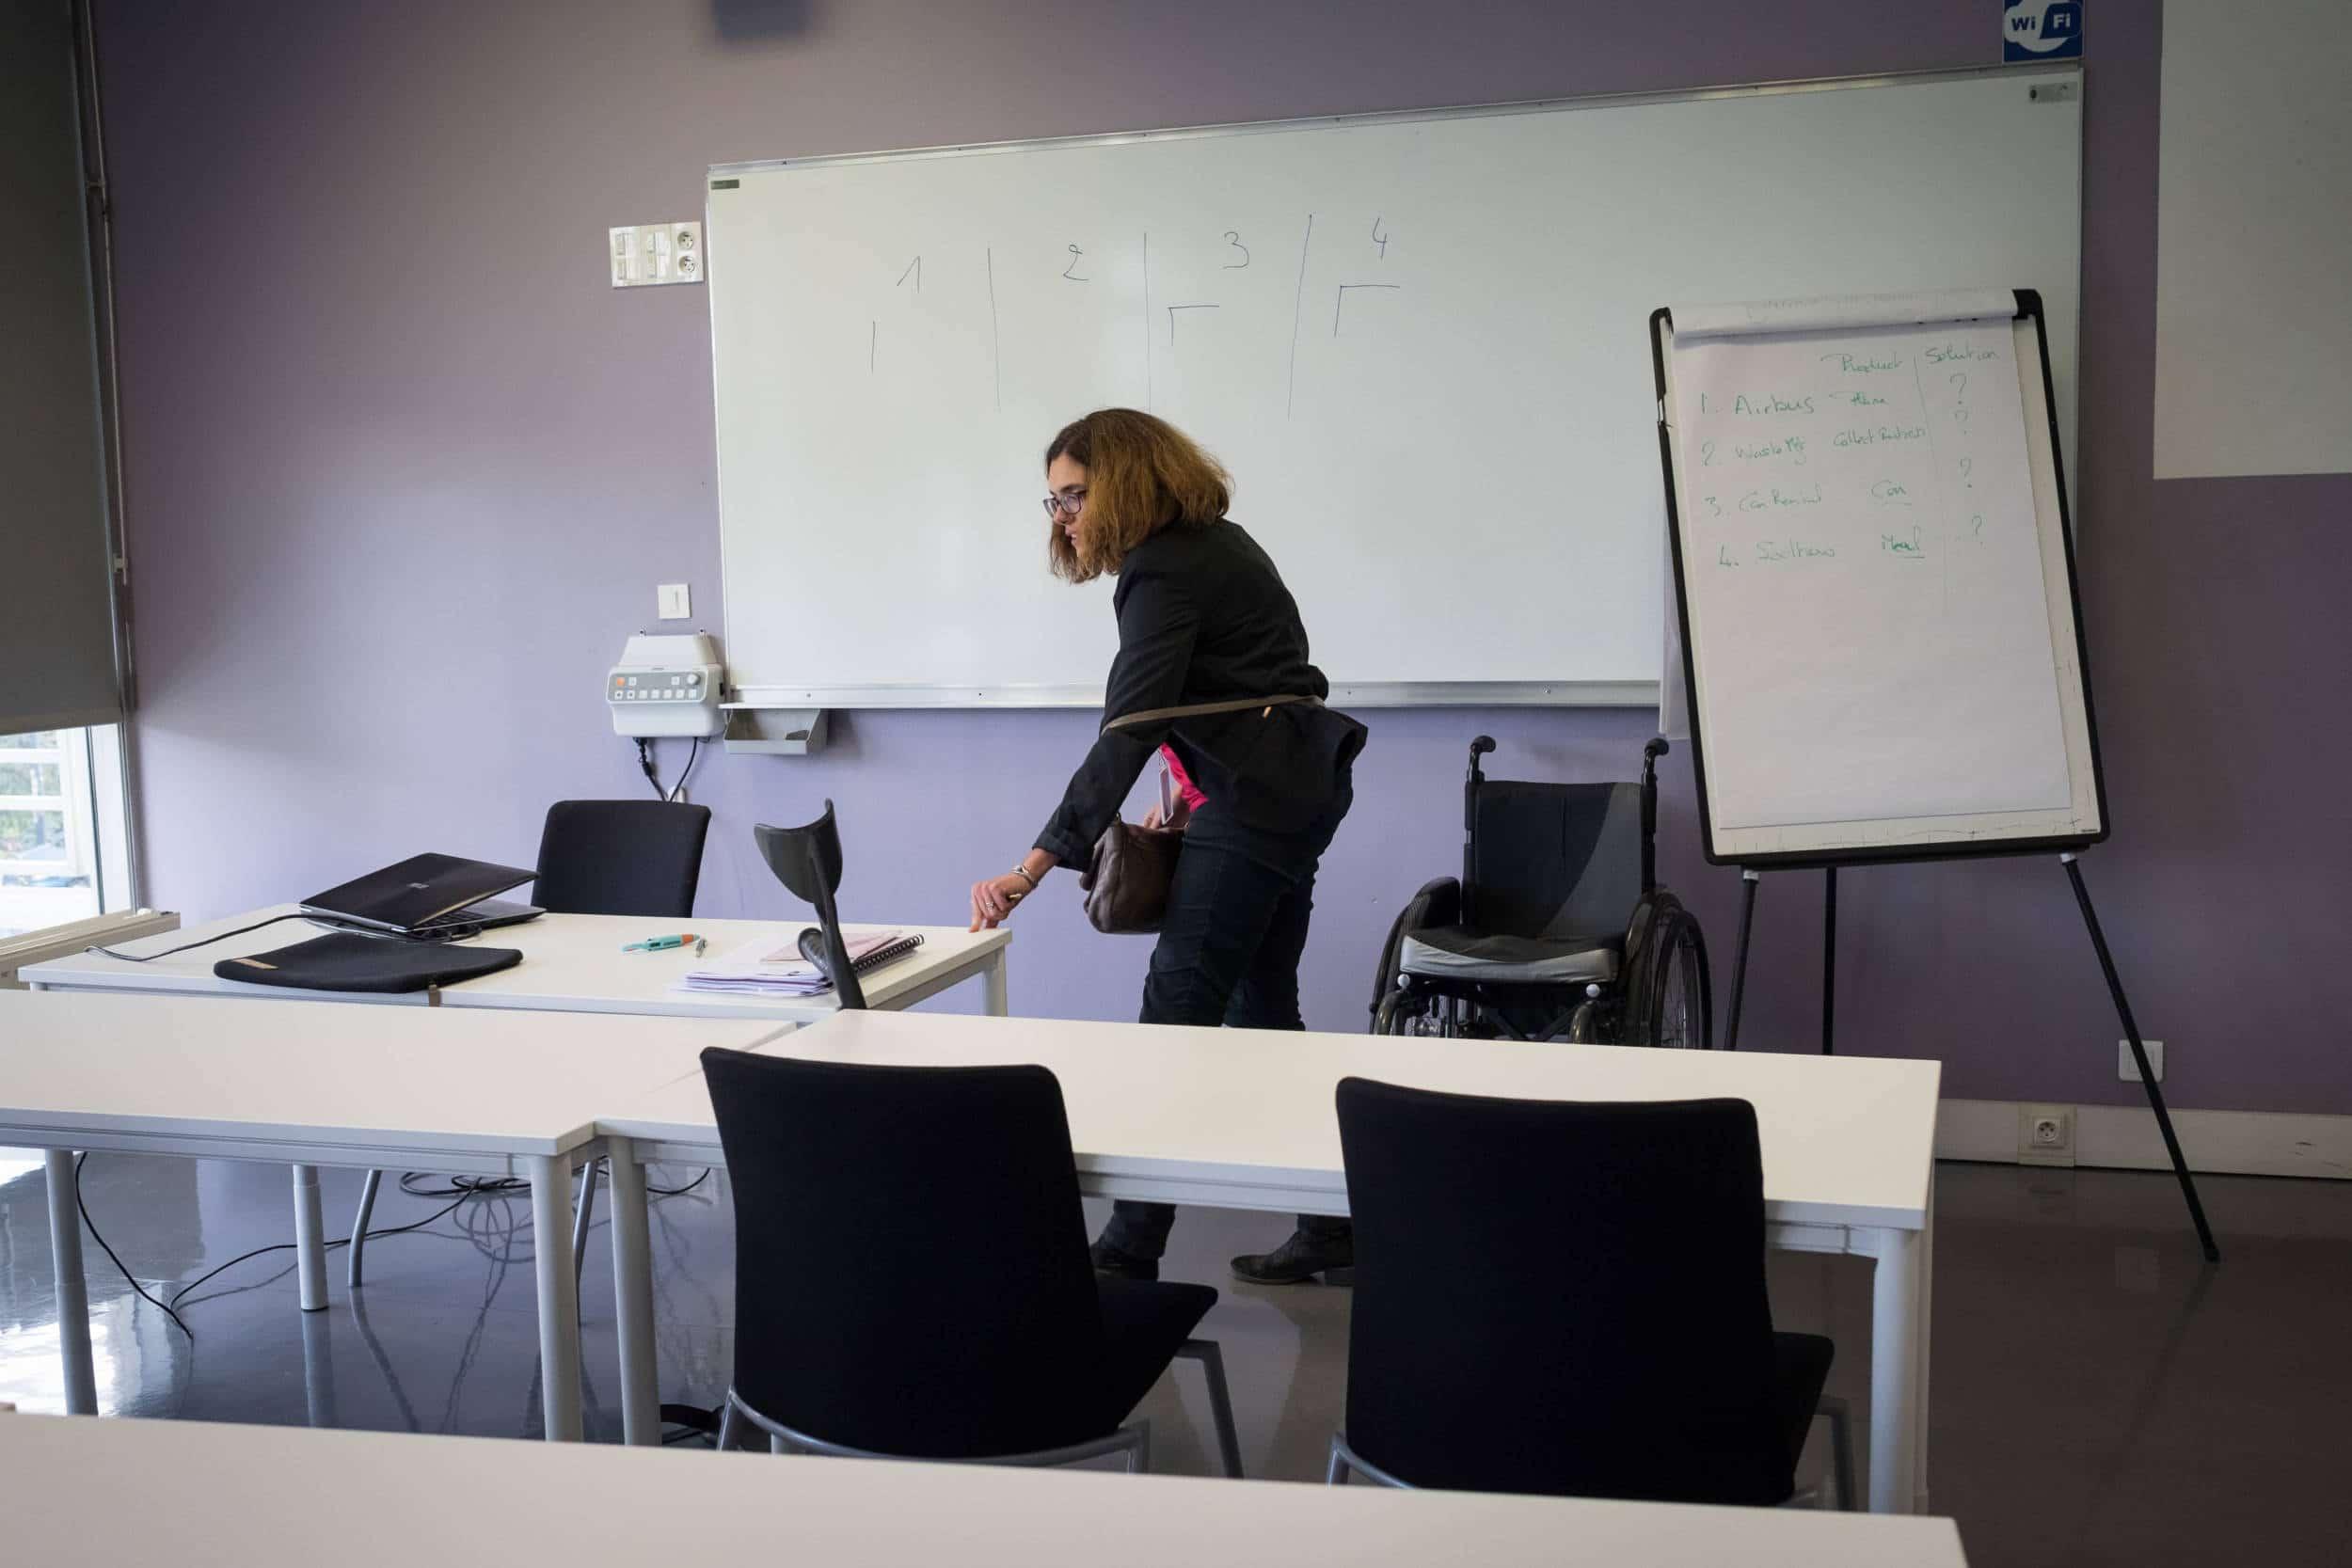 Delphine, dans la classe vide, se lève de son fauteuil et s'appuie sur son bureau.